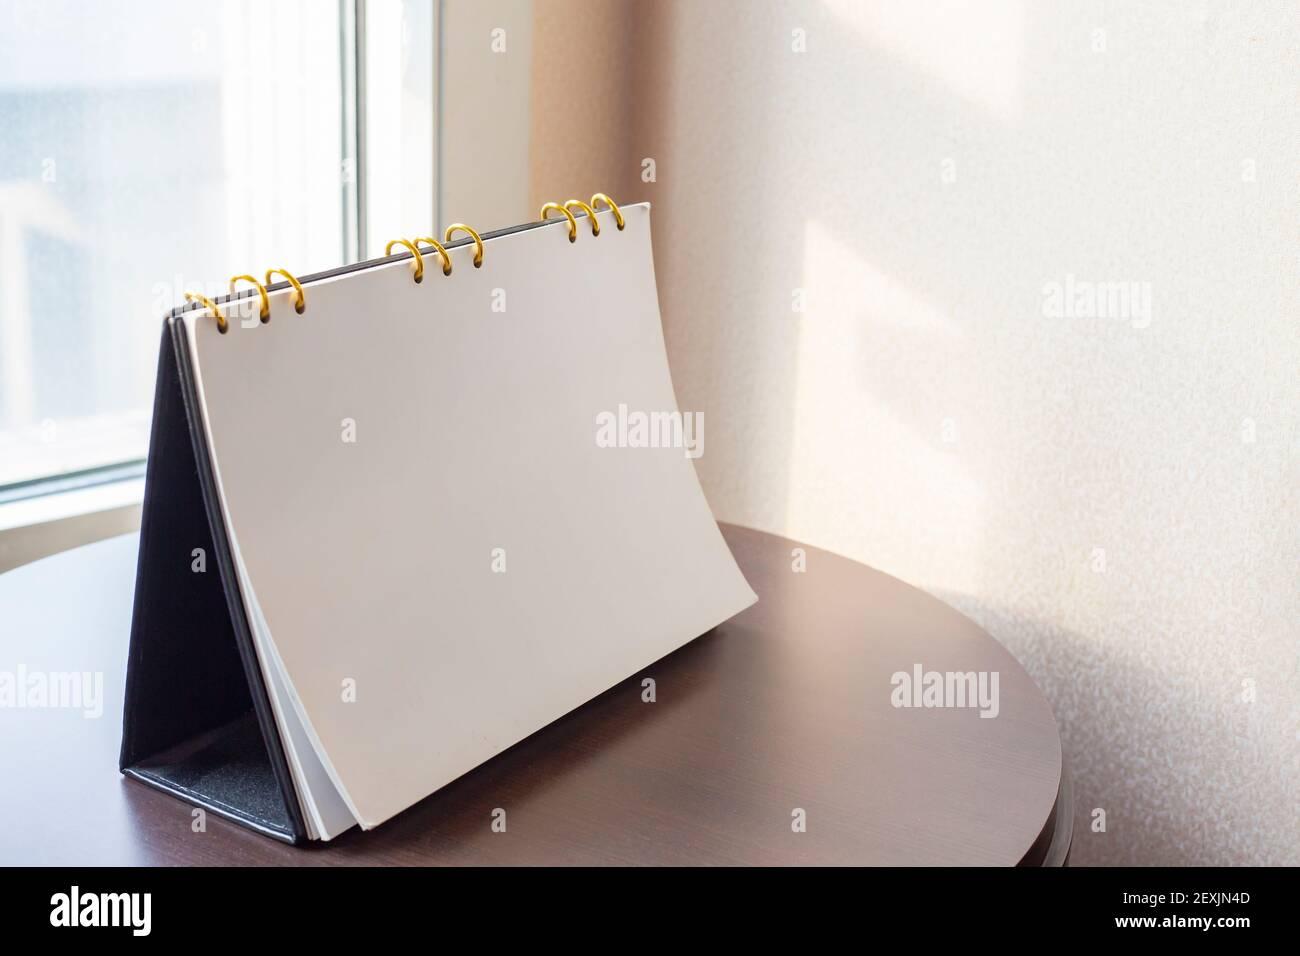 Diario di calendario della scrivania sul tavolo dell'ufficio dell'hotel con luogo di lavoro dell'anno 2021. Pianificazione programma, evento, organizzatore del piano 2020 a 2022. Appuntamento, o Foto Stock